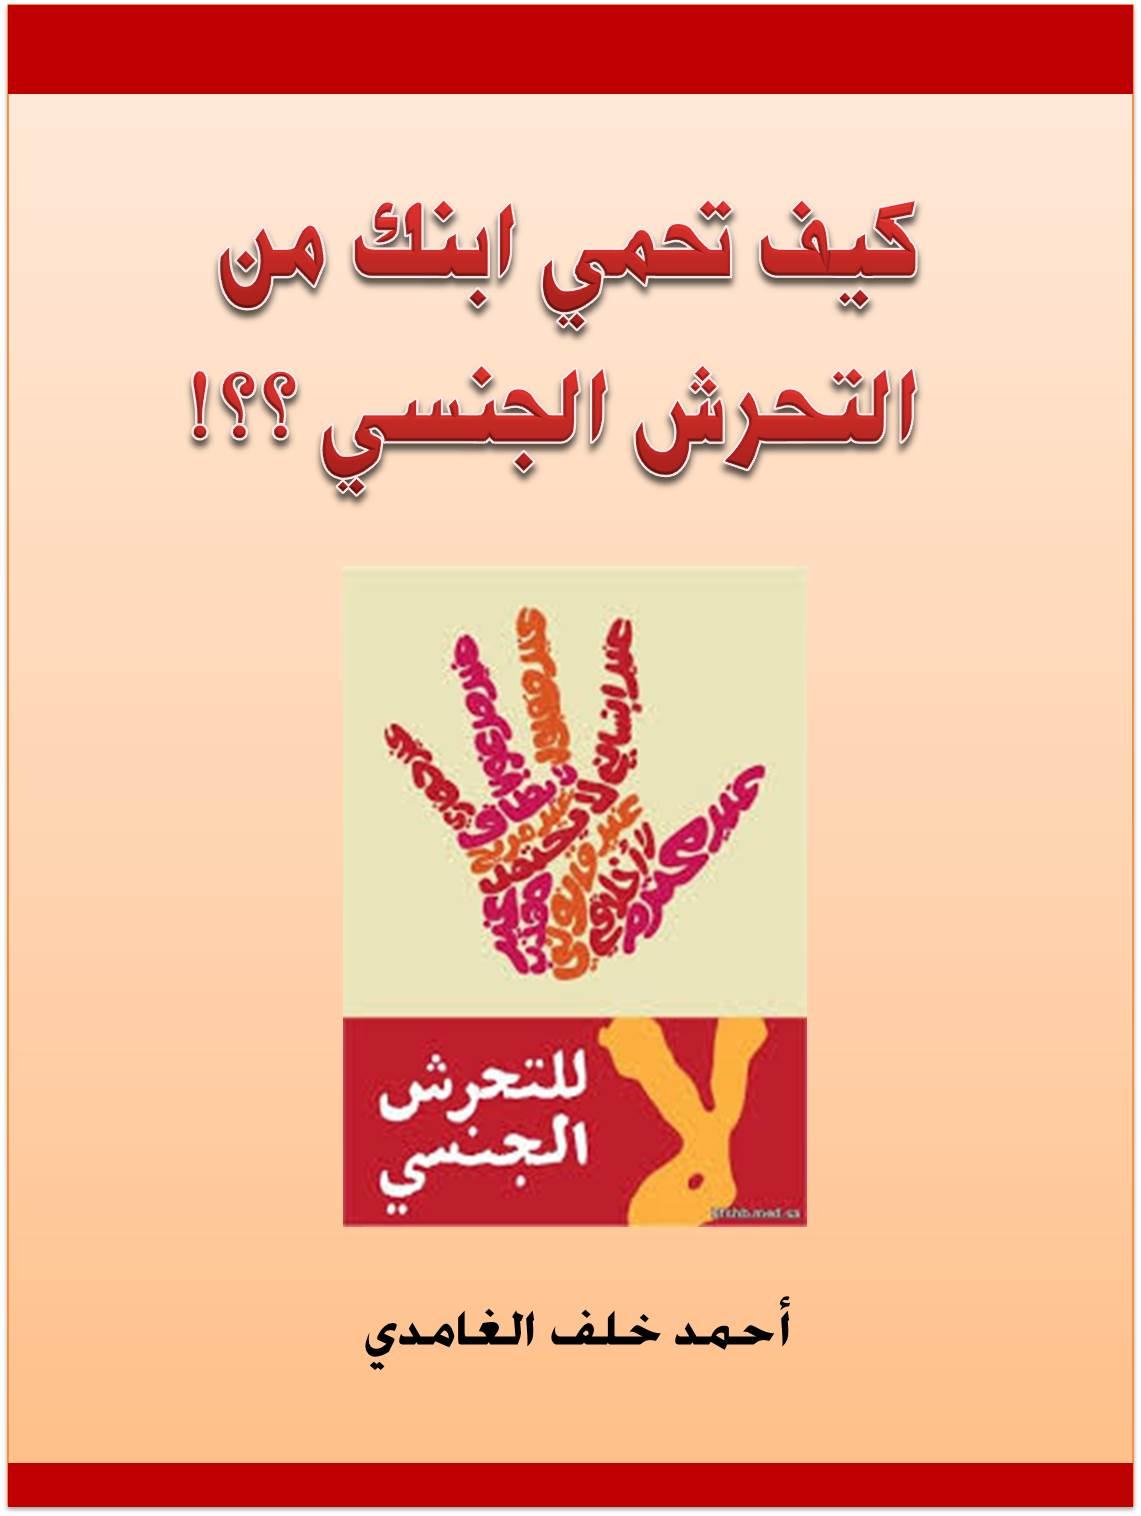 كيف تحمي ابنك من التحرش الجنسي - أحمد خلف الغامدي